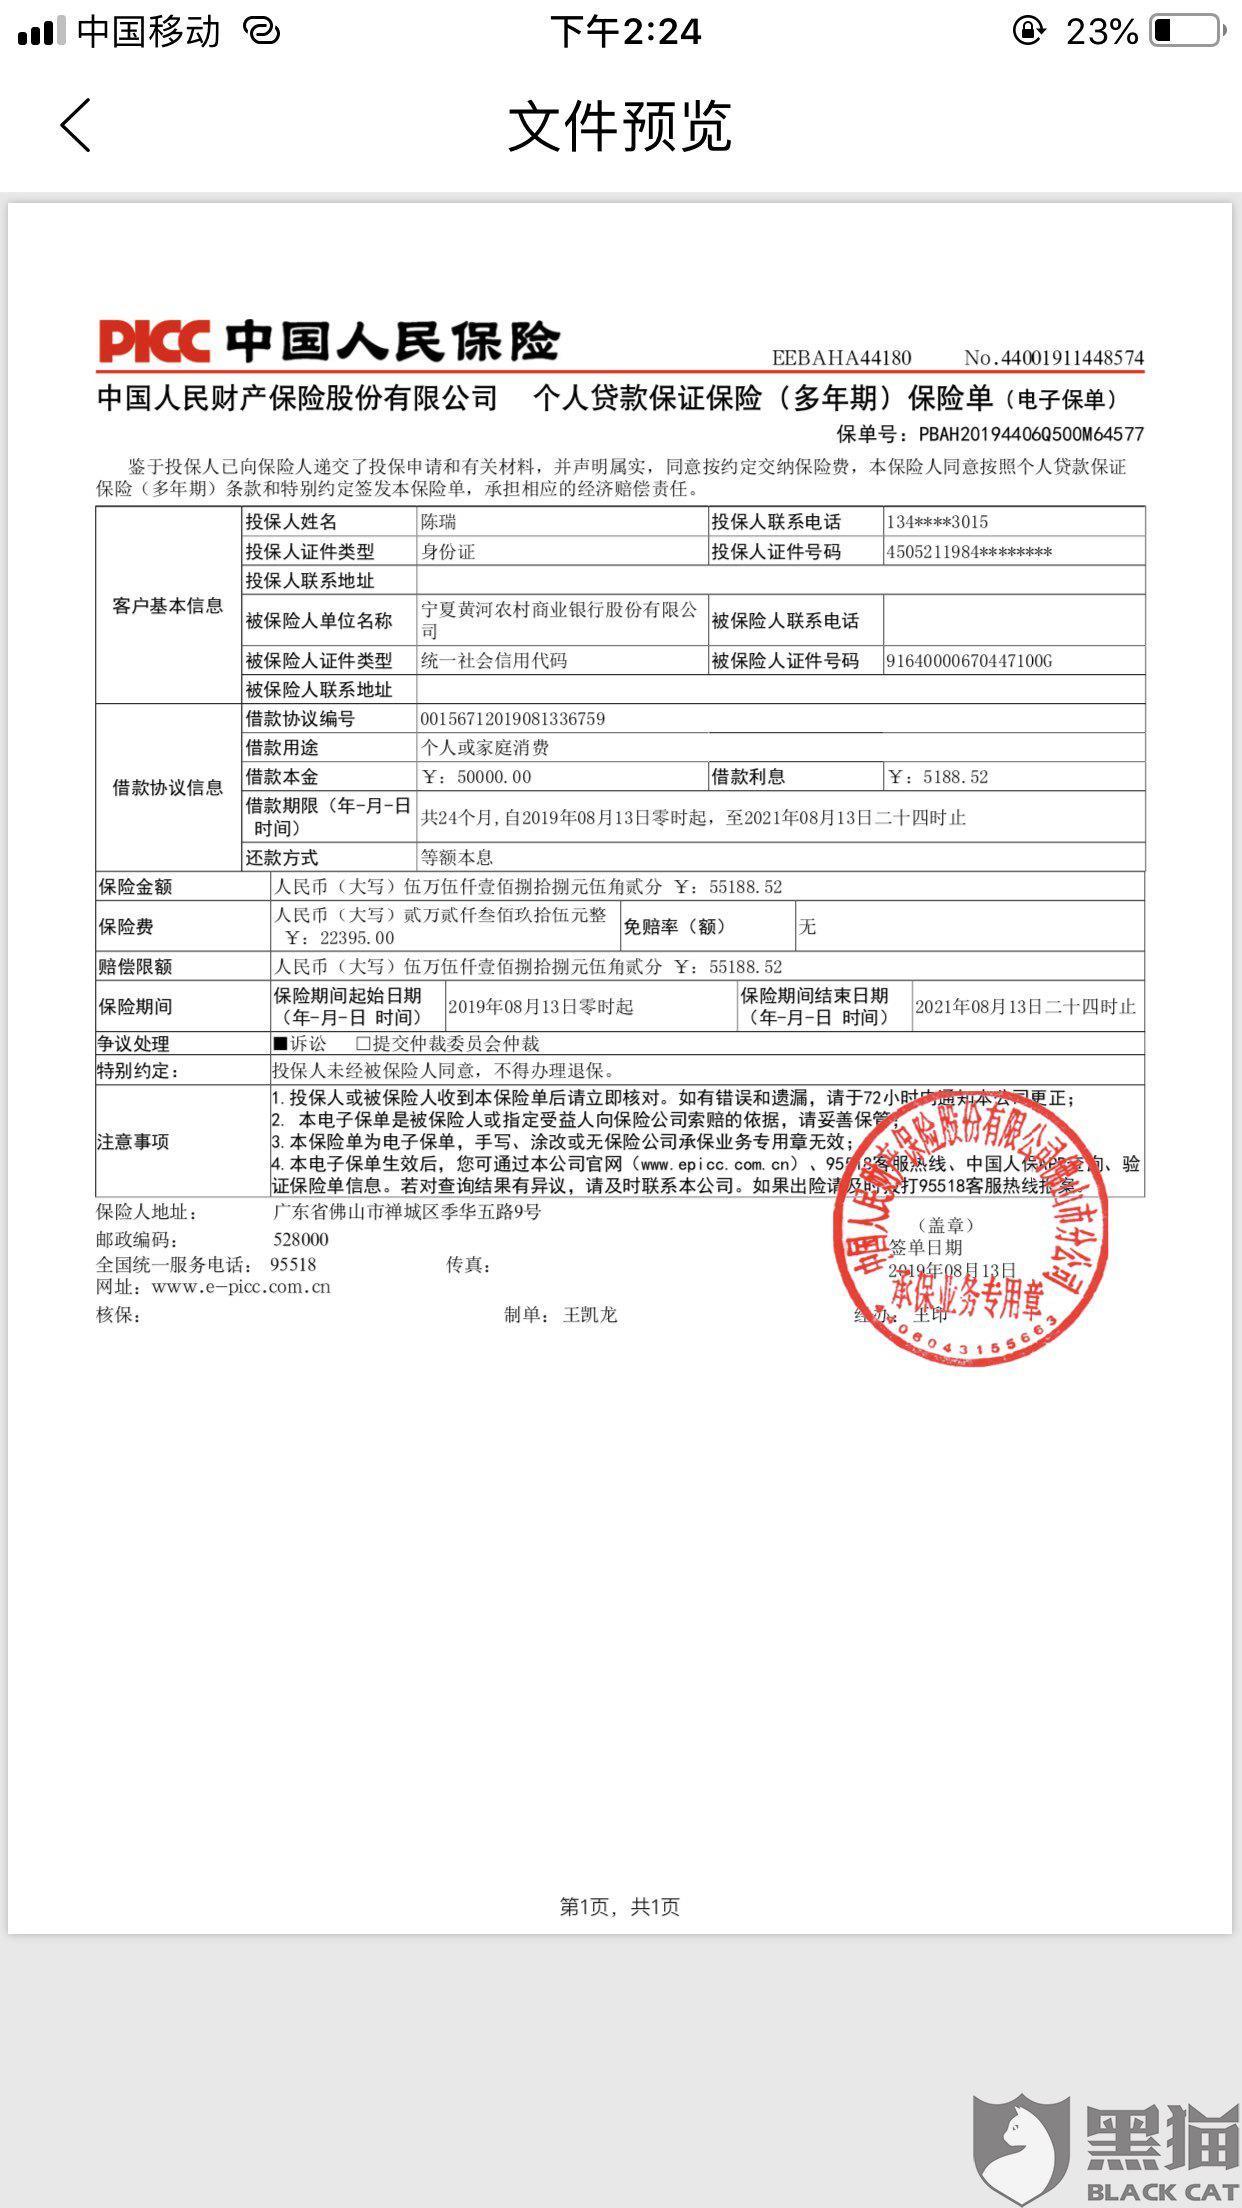 黑猫投诉:中国人民保险公司